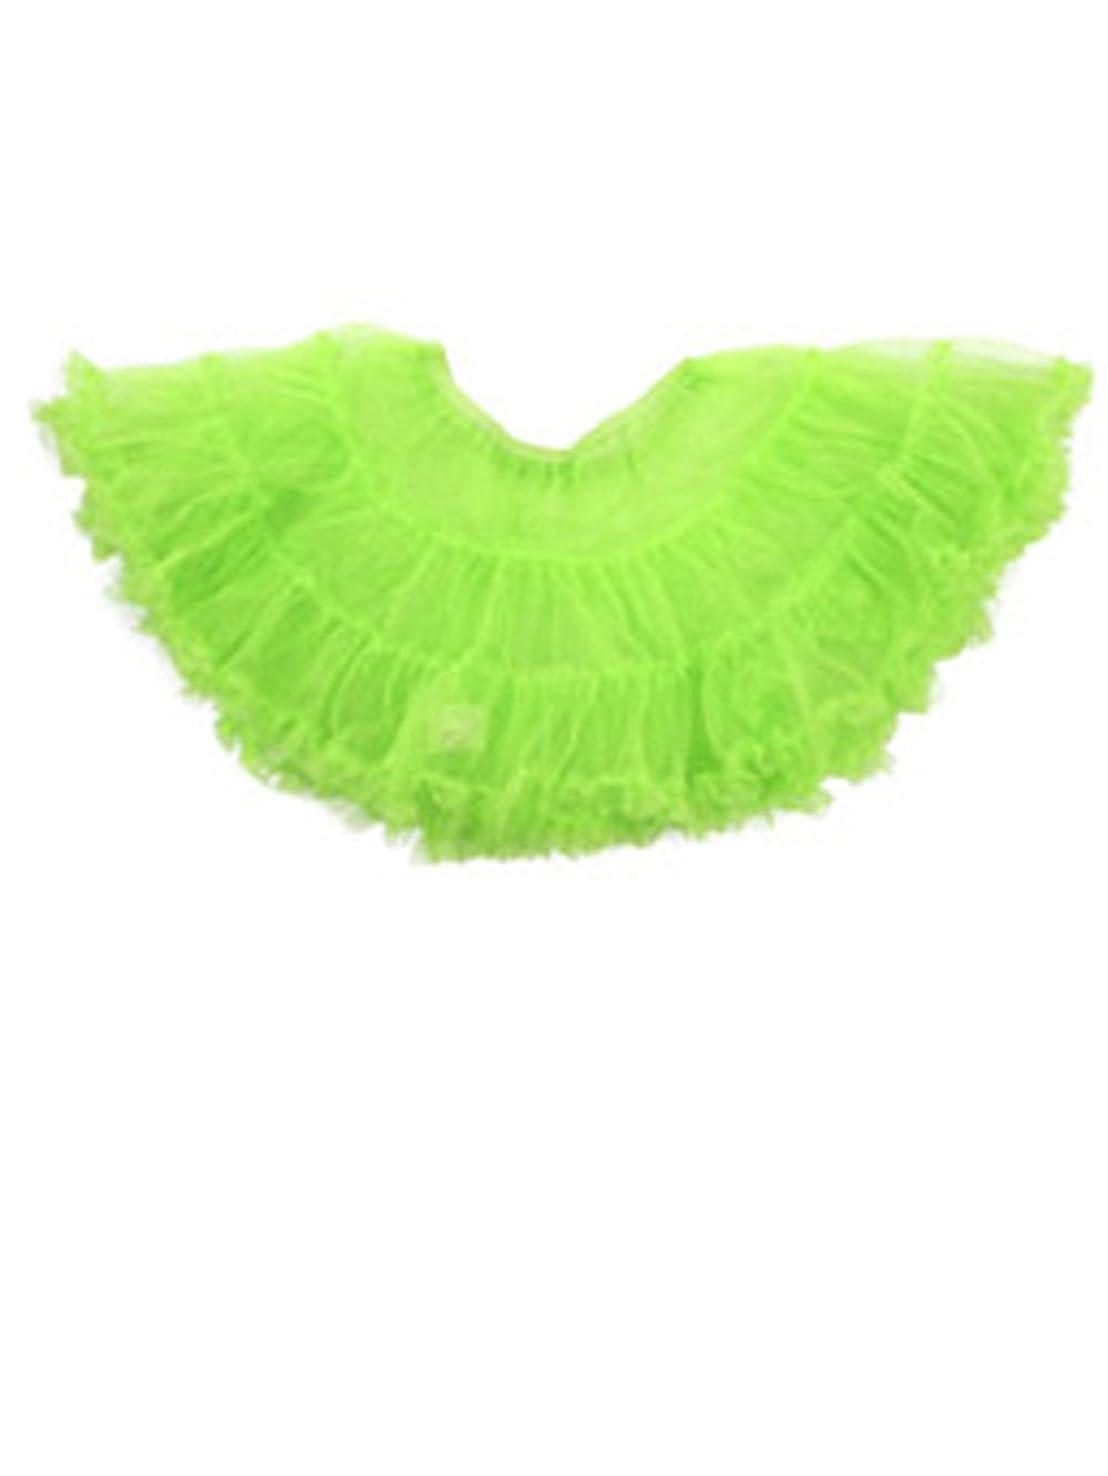 麻痺させるくそー成長コスプレ スカート 衣裳 ふんわり パニエ ボリューム コスチューム用 小物 ドレス 緑 tg001gr